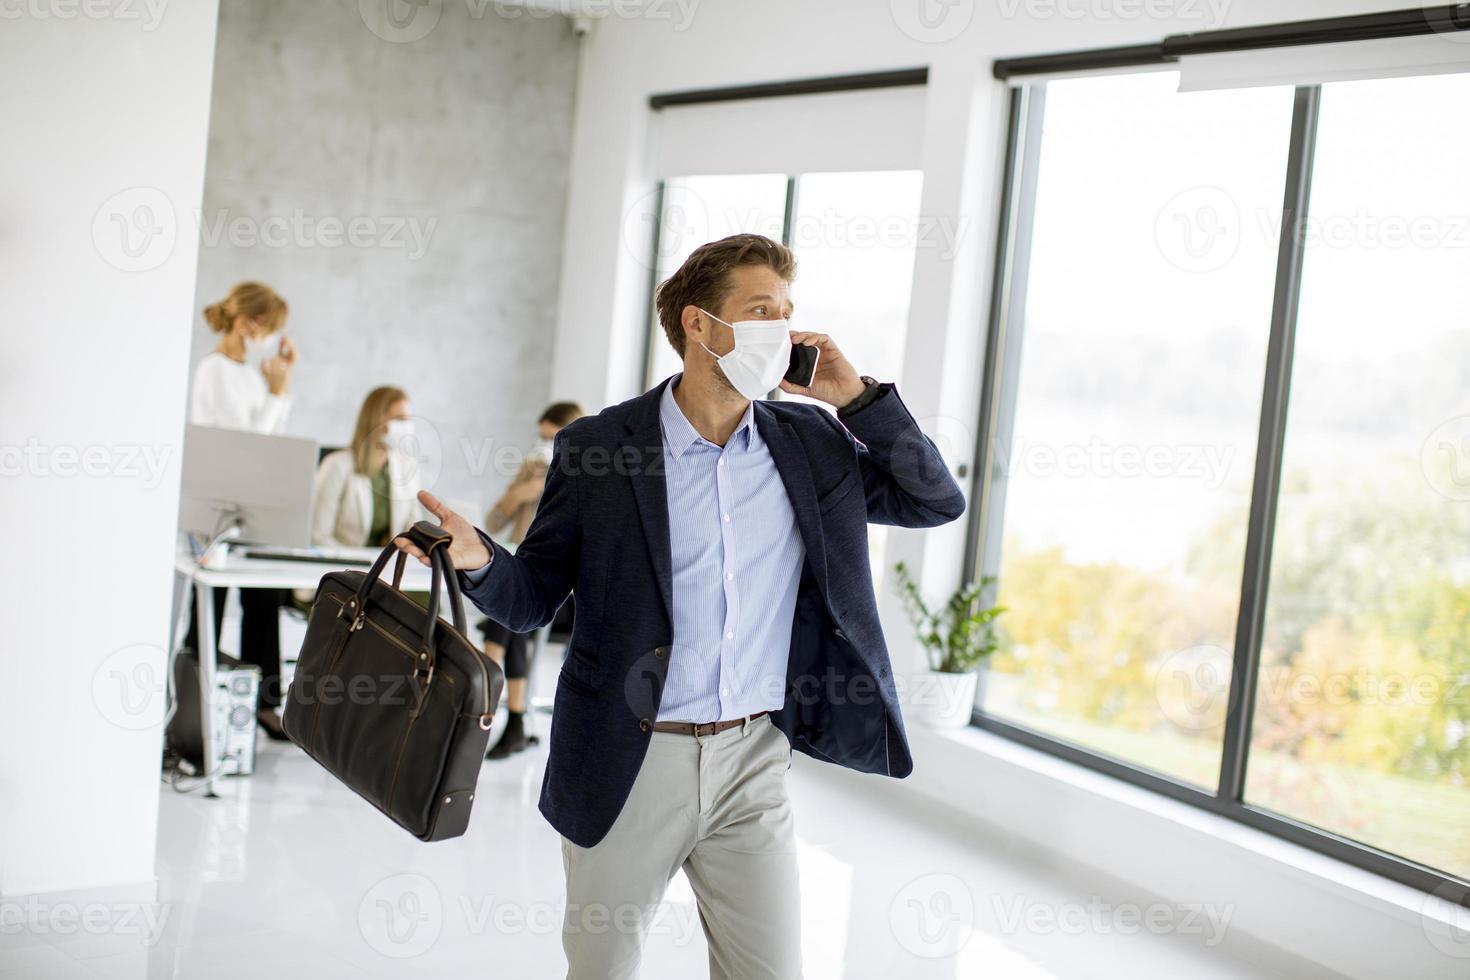 homme d & # 39; affaires masqué prenant le téléphone avec une mallette photo